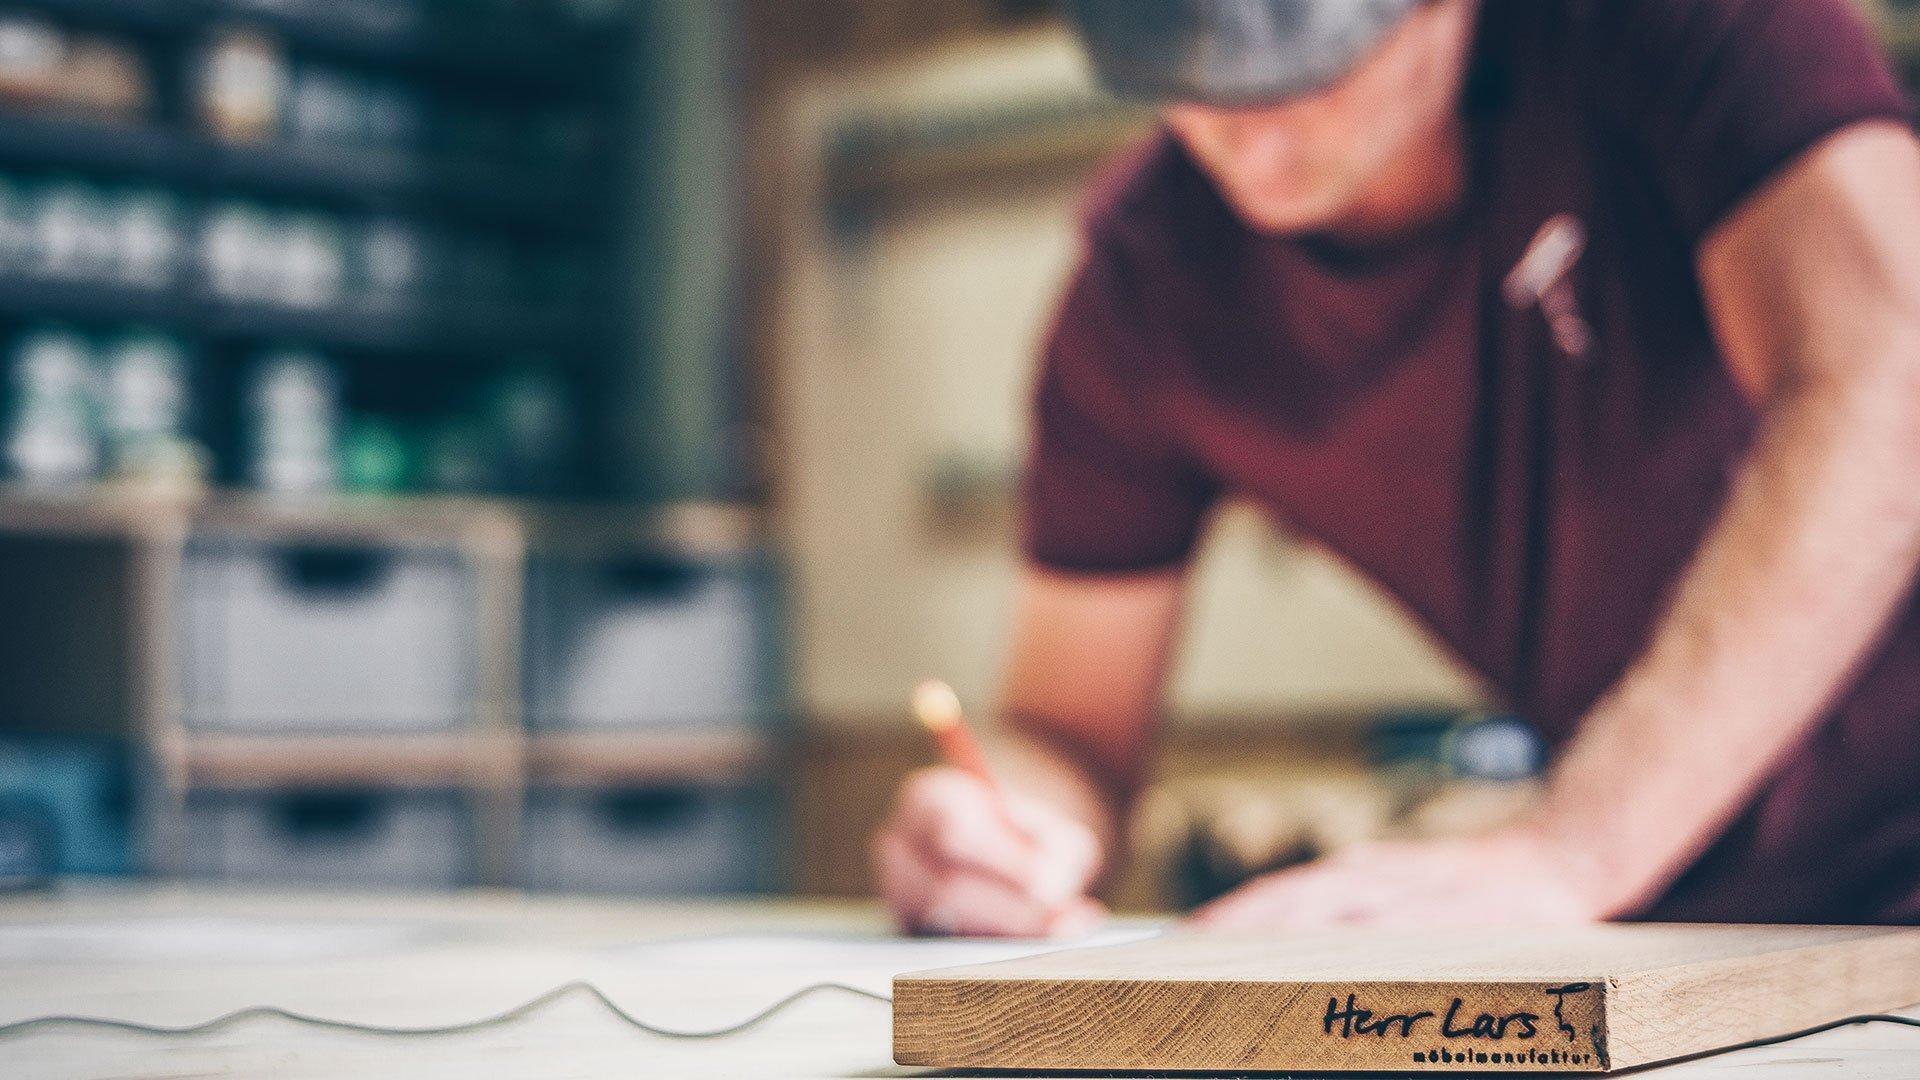 Lars schreibt eine Karte an einen Kunden